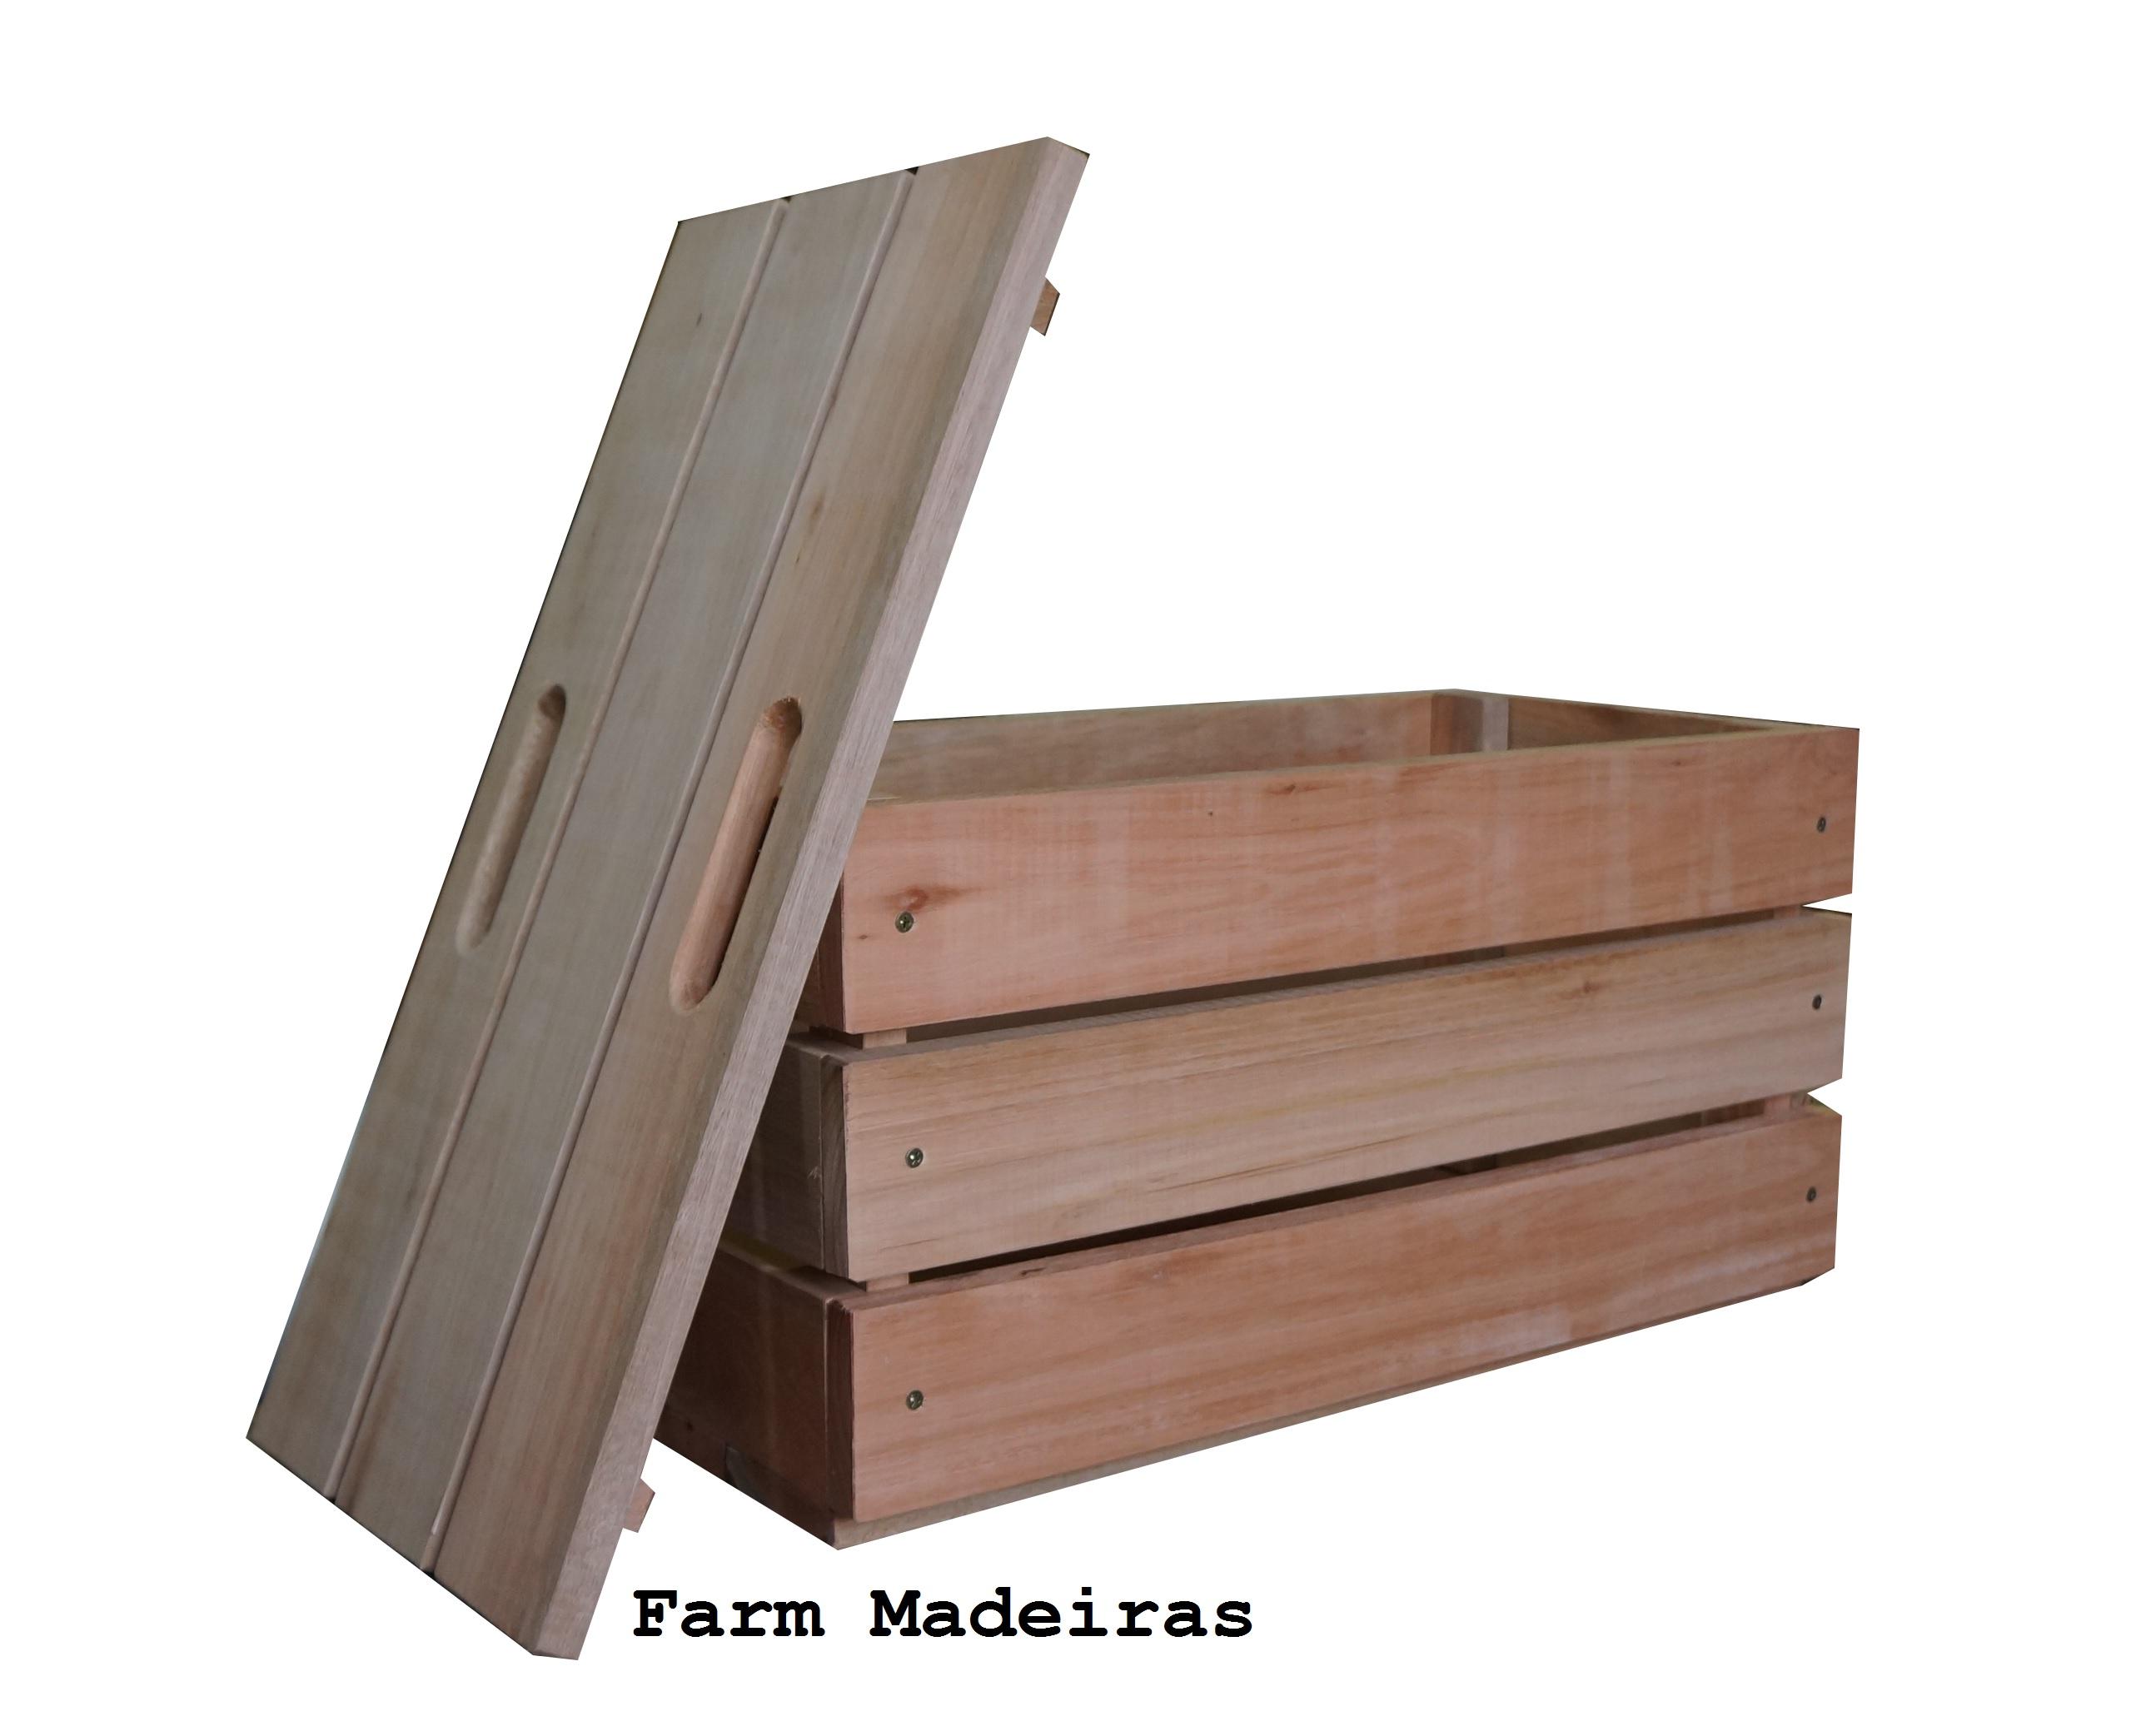 bau caixote de feira em madeira caixa feira bau caixote de feira em  #37251C 2577x2085